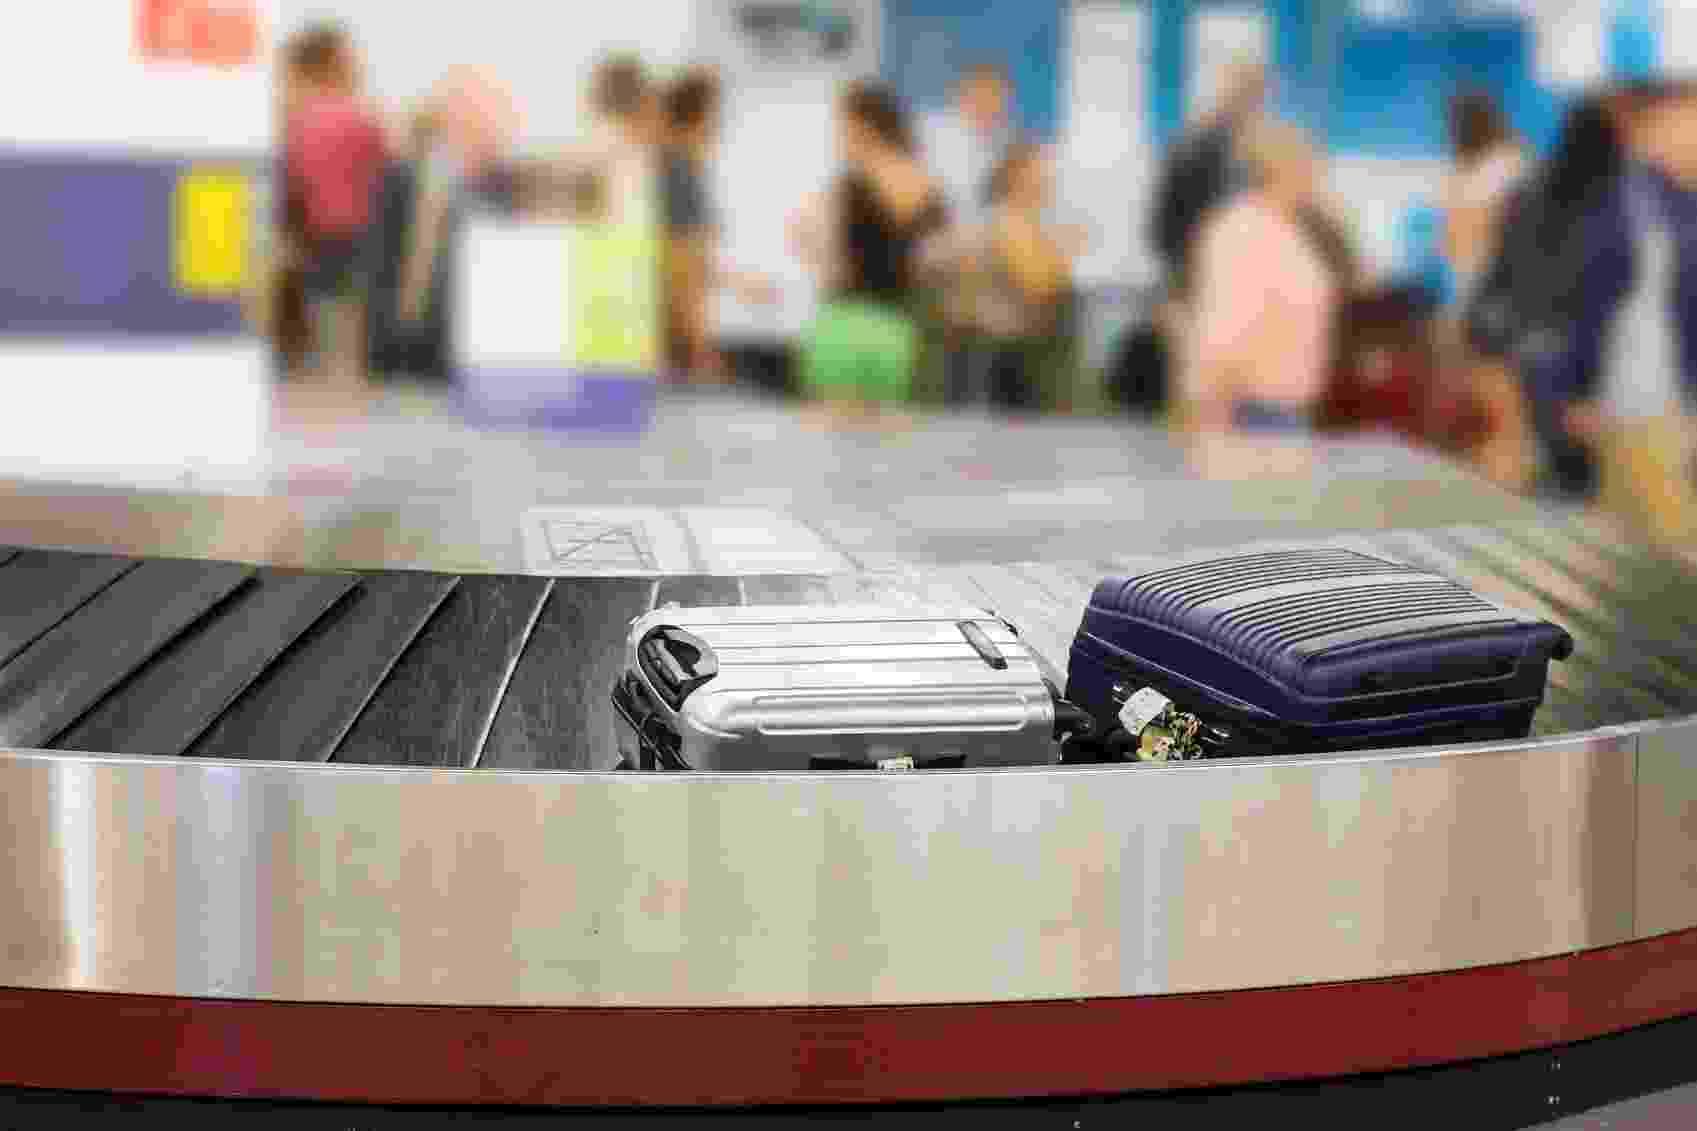 Aeroporto, mala de viagem, esteira de bagagem - Getty Images